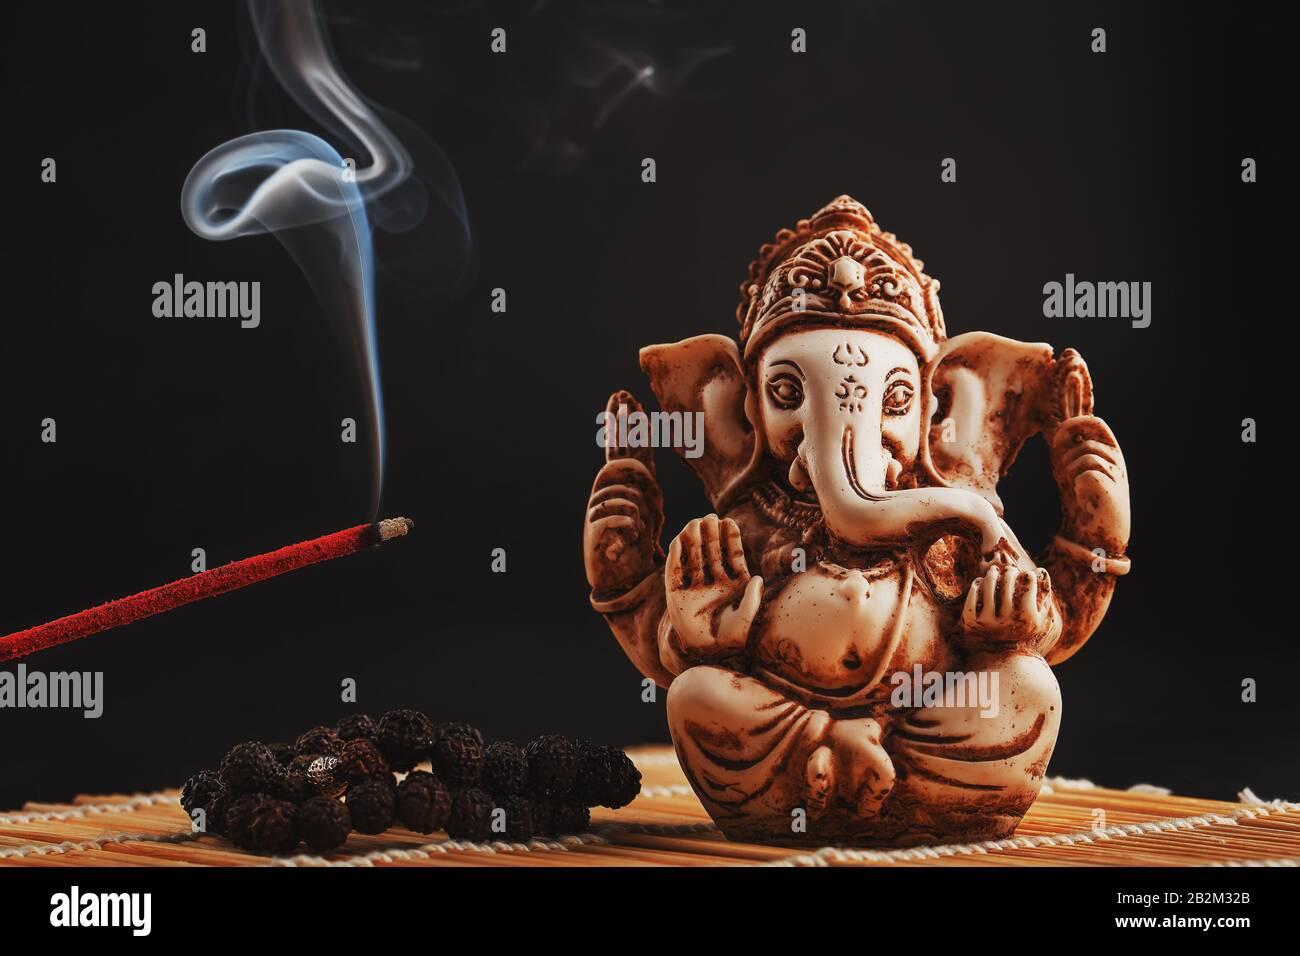 dios hindú Ganesh sobre un fondo negro. Estatua de Rudraksha y rosario en una mesa de madera con un palo de incienso rojo y humo de incienso. Espacio de copia Foto de stock